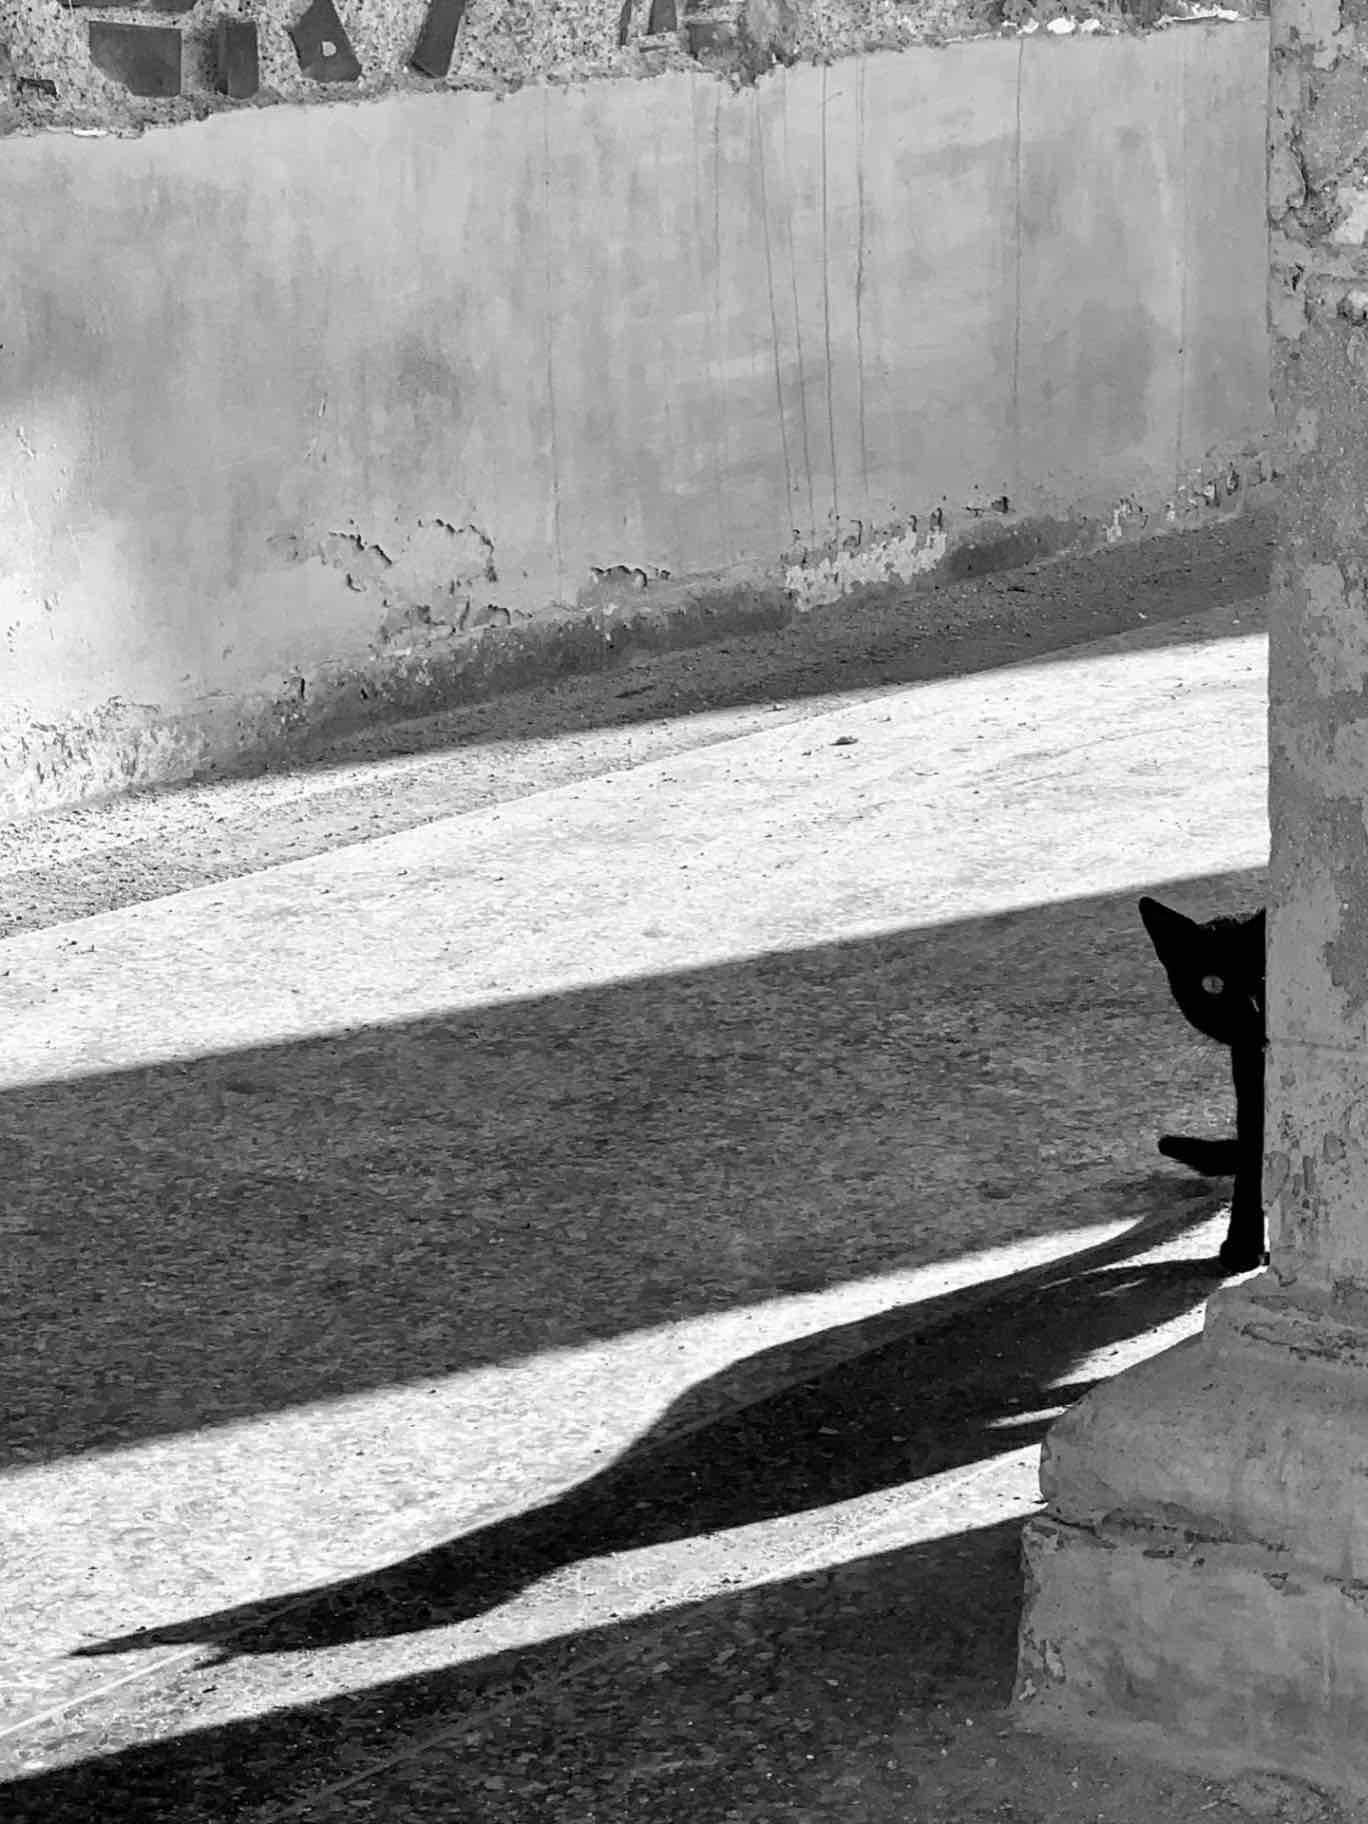 Obra: A los ojos de Los Gatos, todas las cosas pertenecen a Los Gatos.